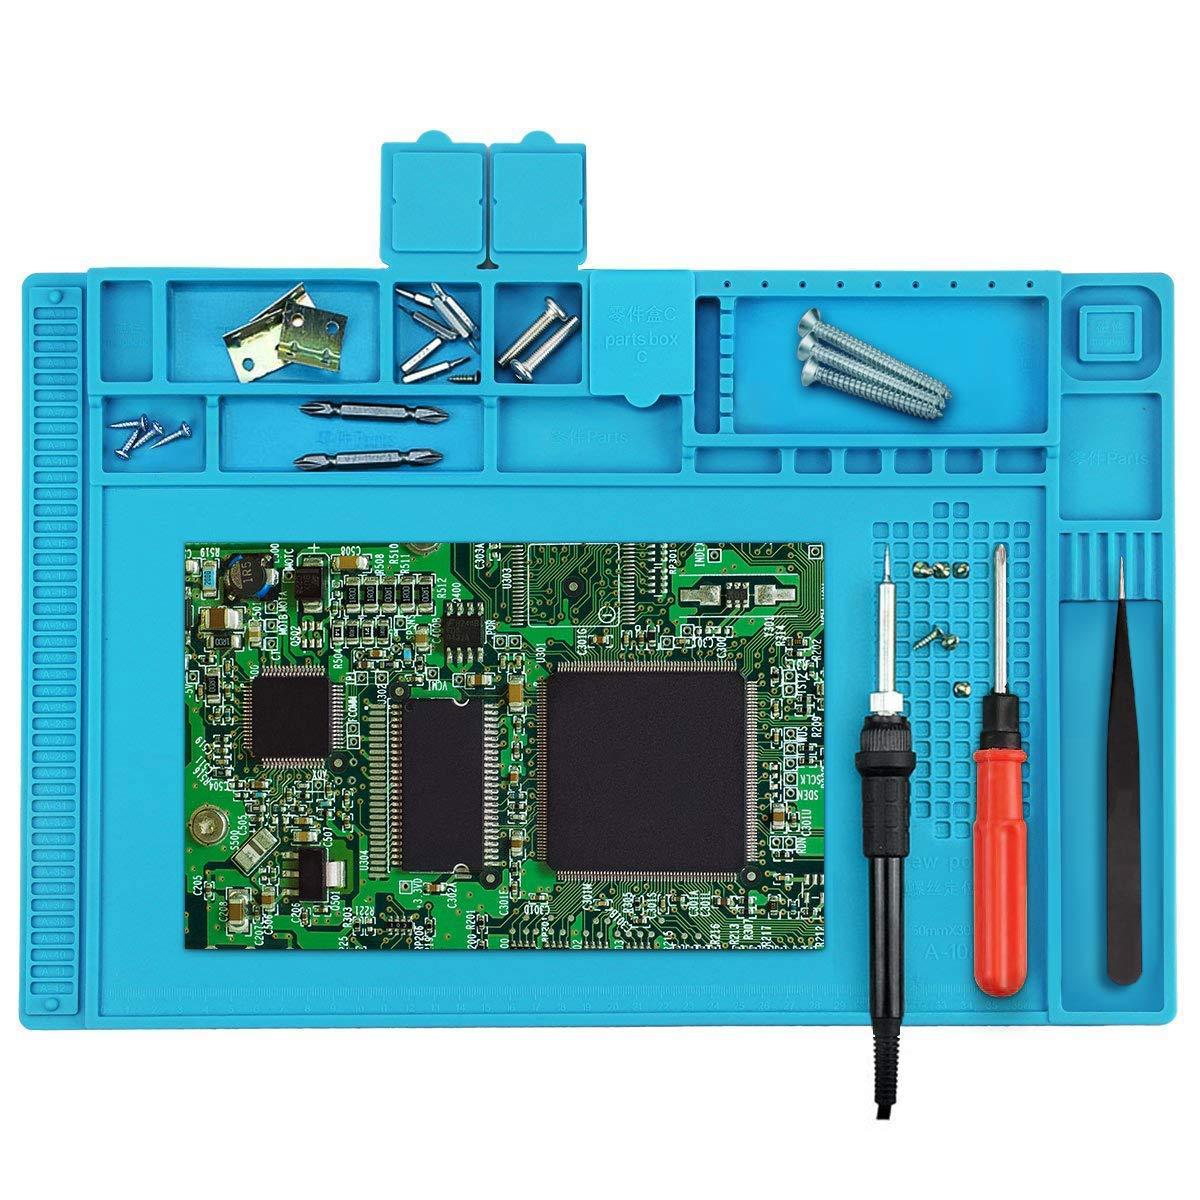 Tamlltide Anti-Static Soling Mat, 500 ℃ Résistant à la chaleur magnétique polyvalent Station de travail pour le brasage brasage réparation de montres de téléphone (45 x 30 cm)